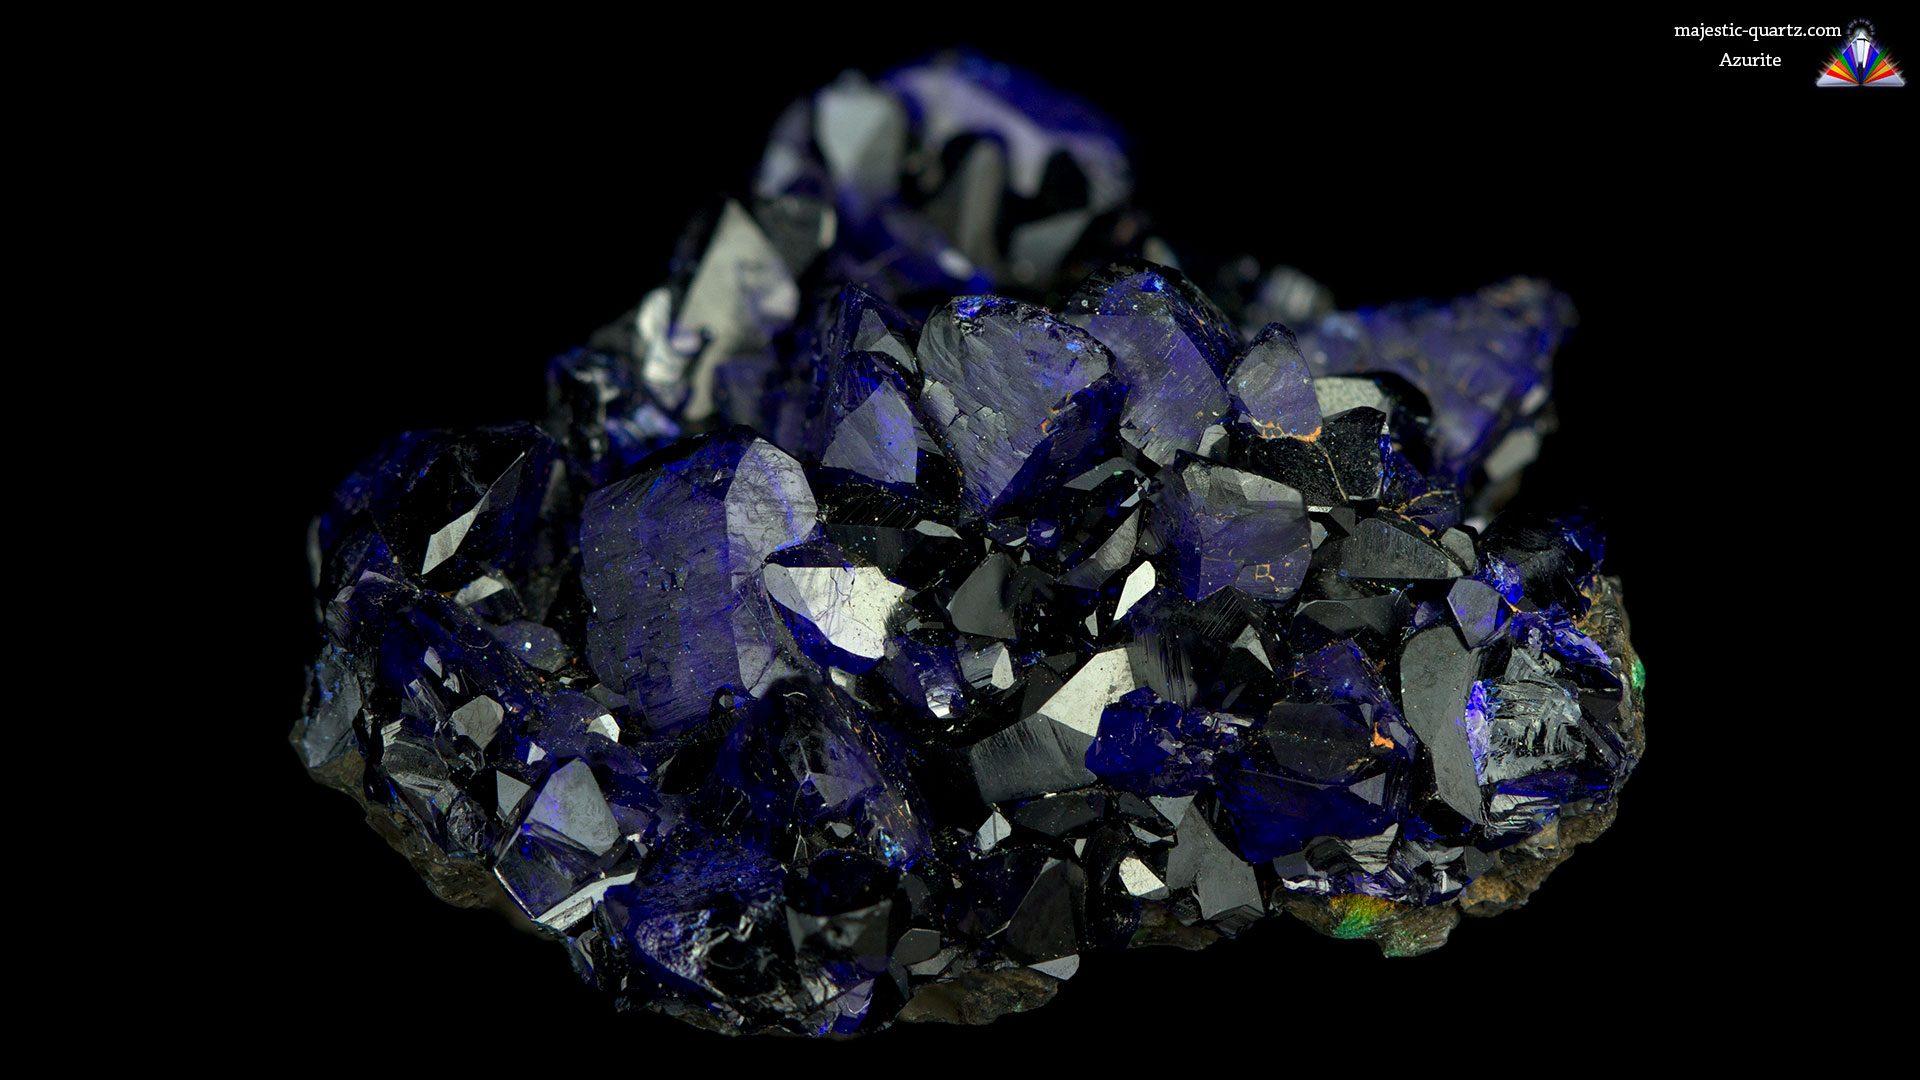 Azurite Crystal Specimen - Photograph by Anthony Bradford